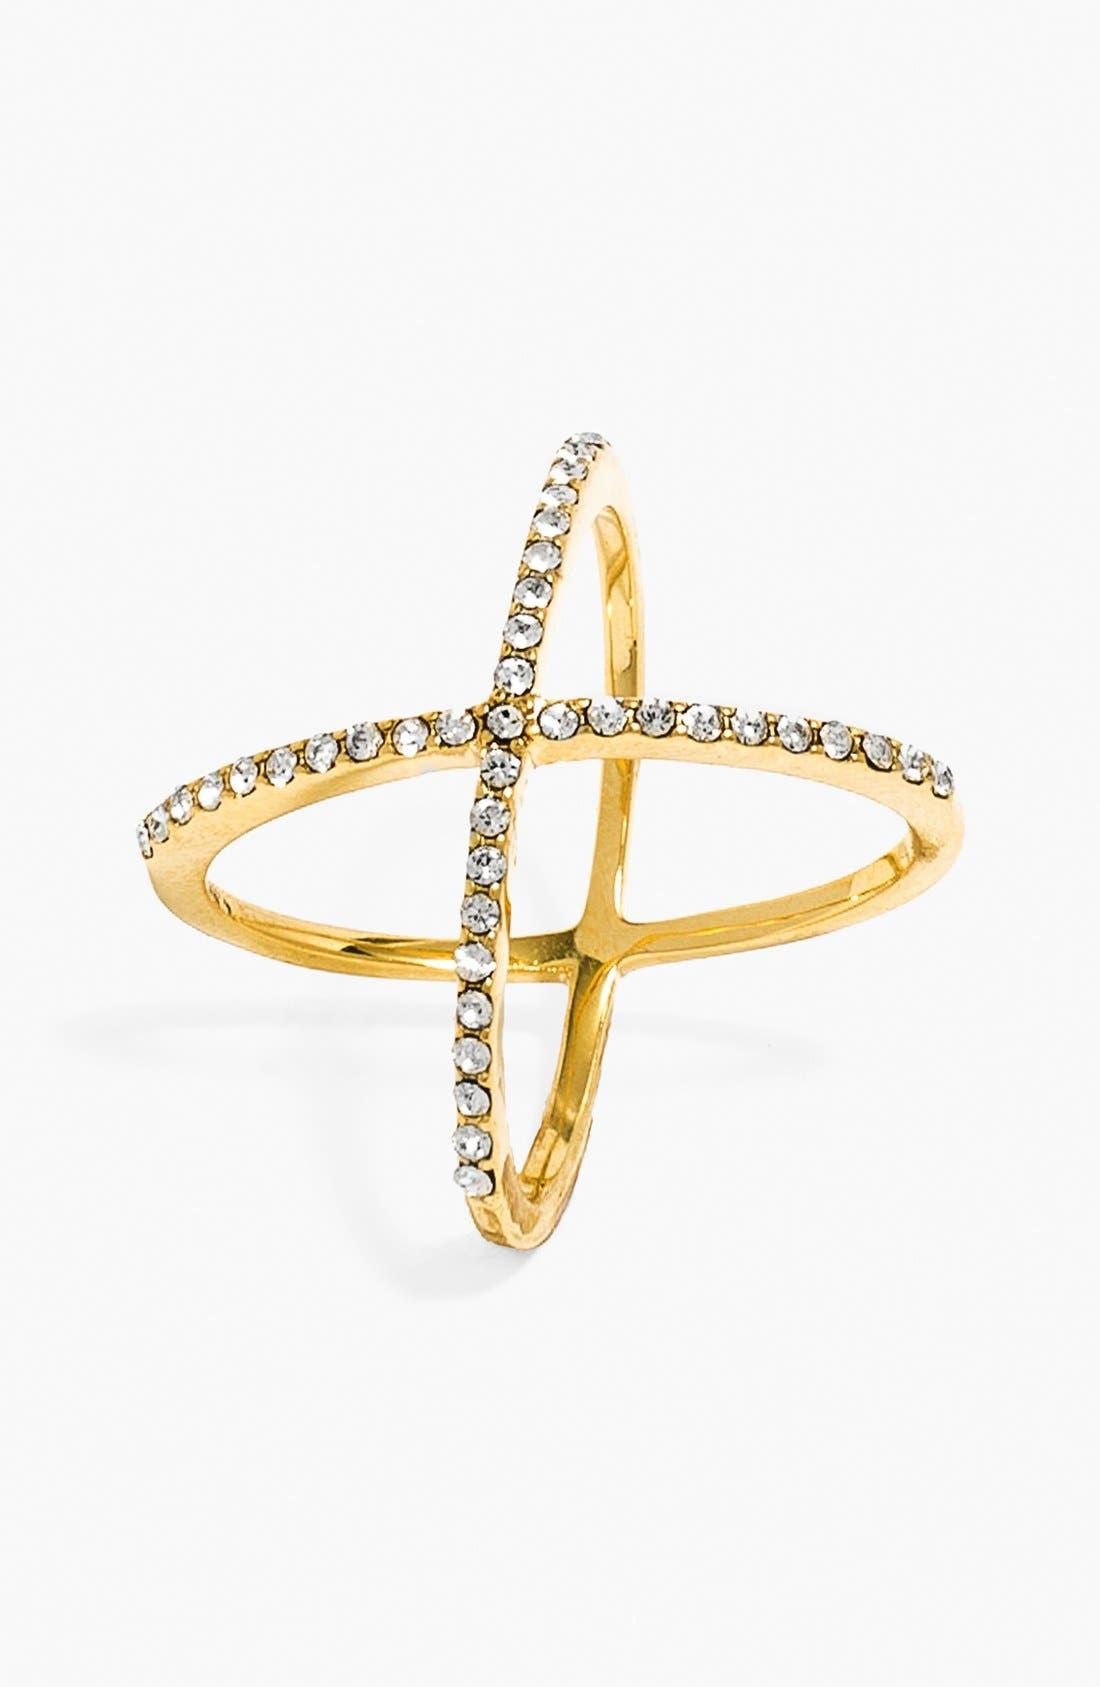 Main Image - BaubleBar 'Mason' Pavé Ring